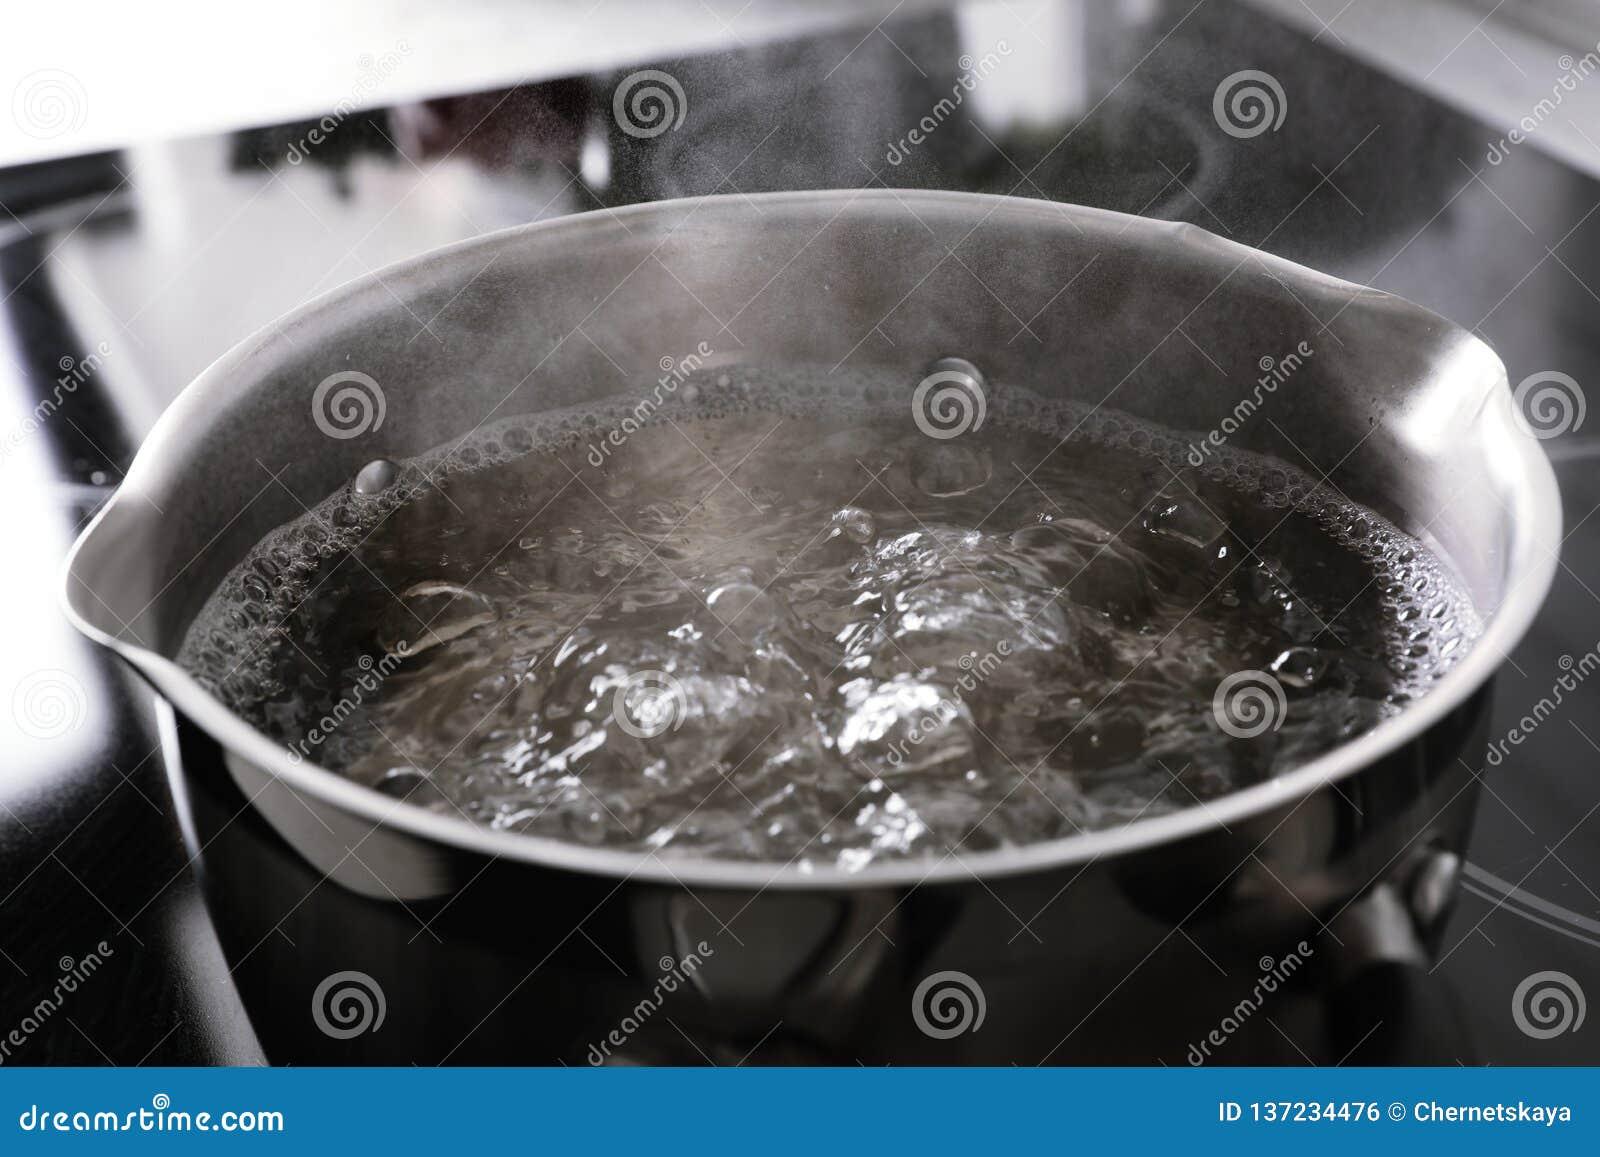 Topf mit kochendem Wasser auf Ofen